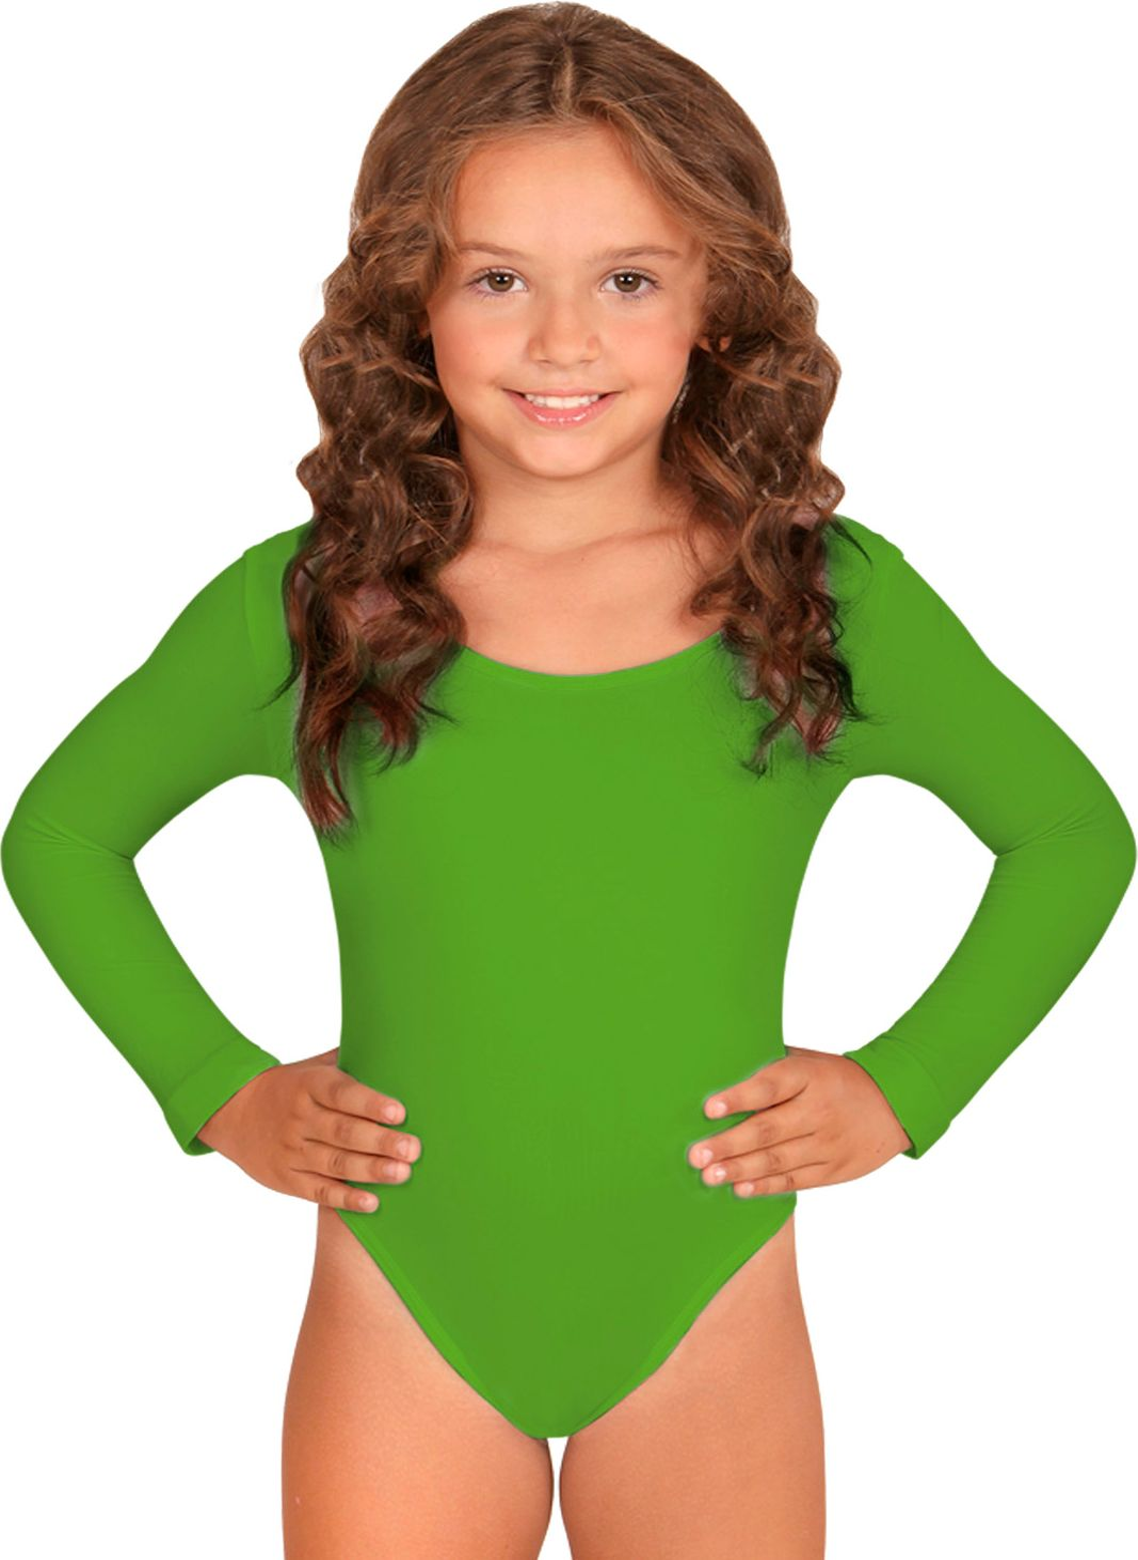 Groen turnpak meisjes